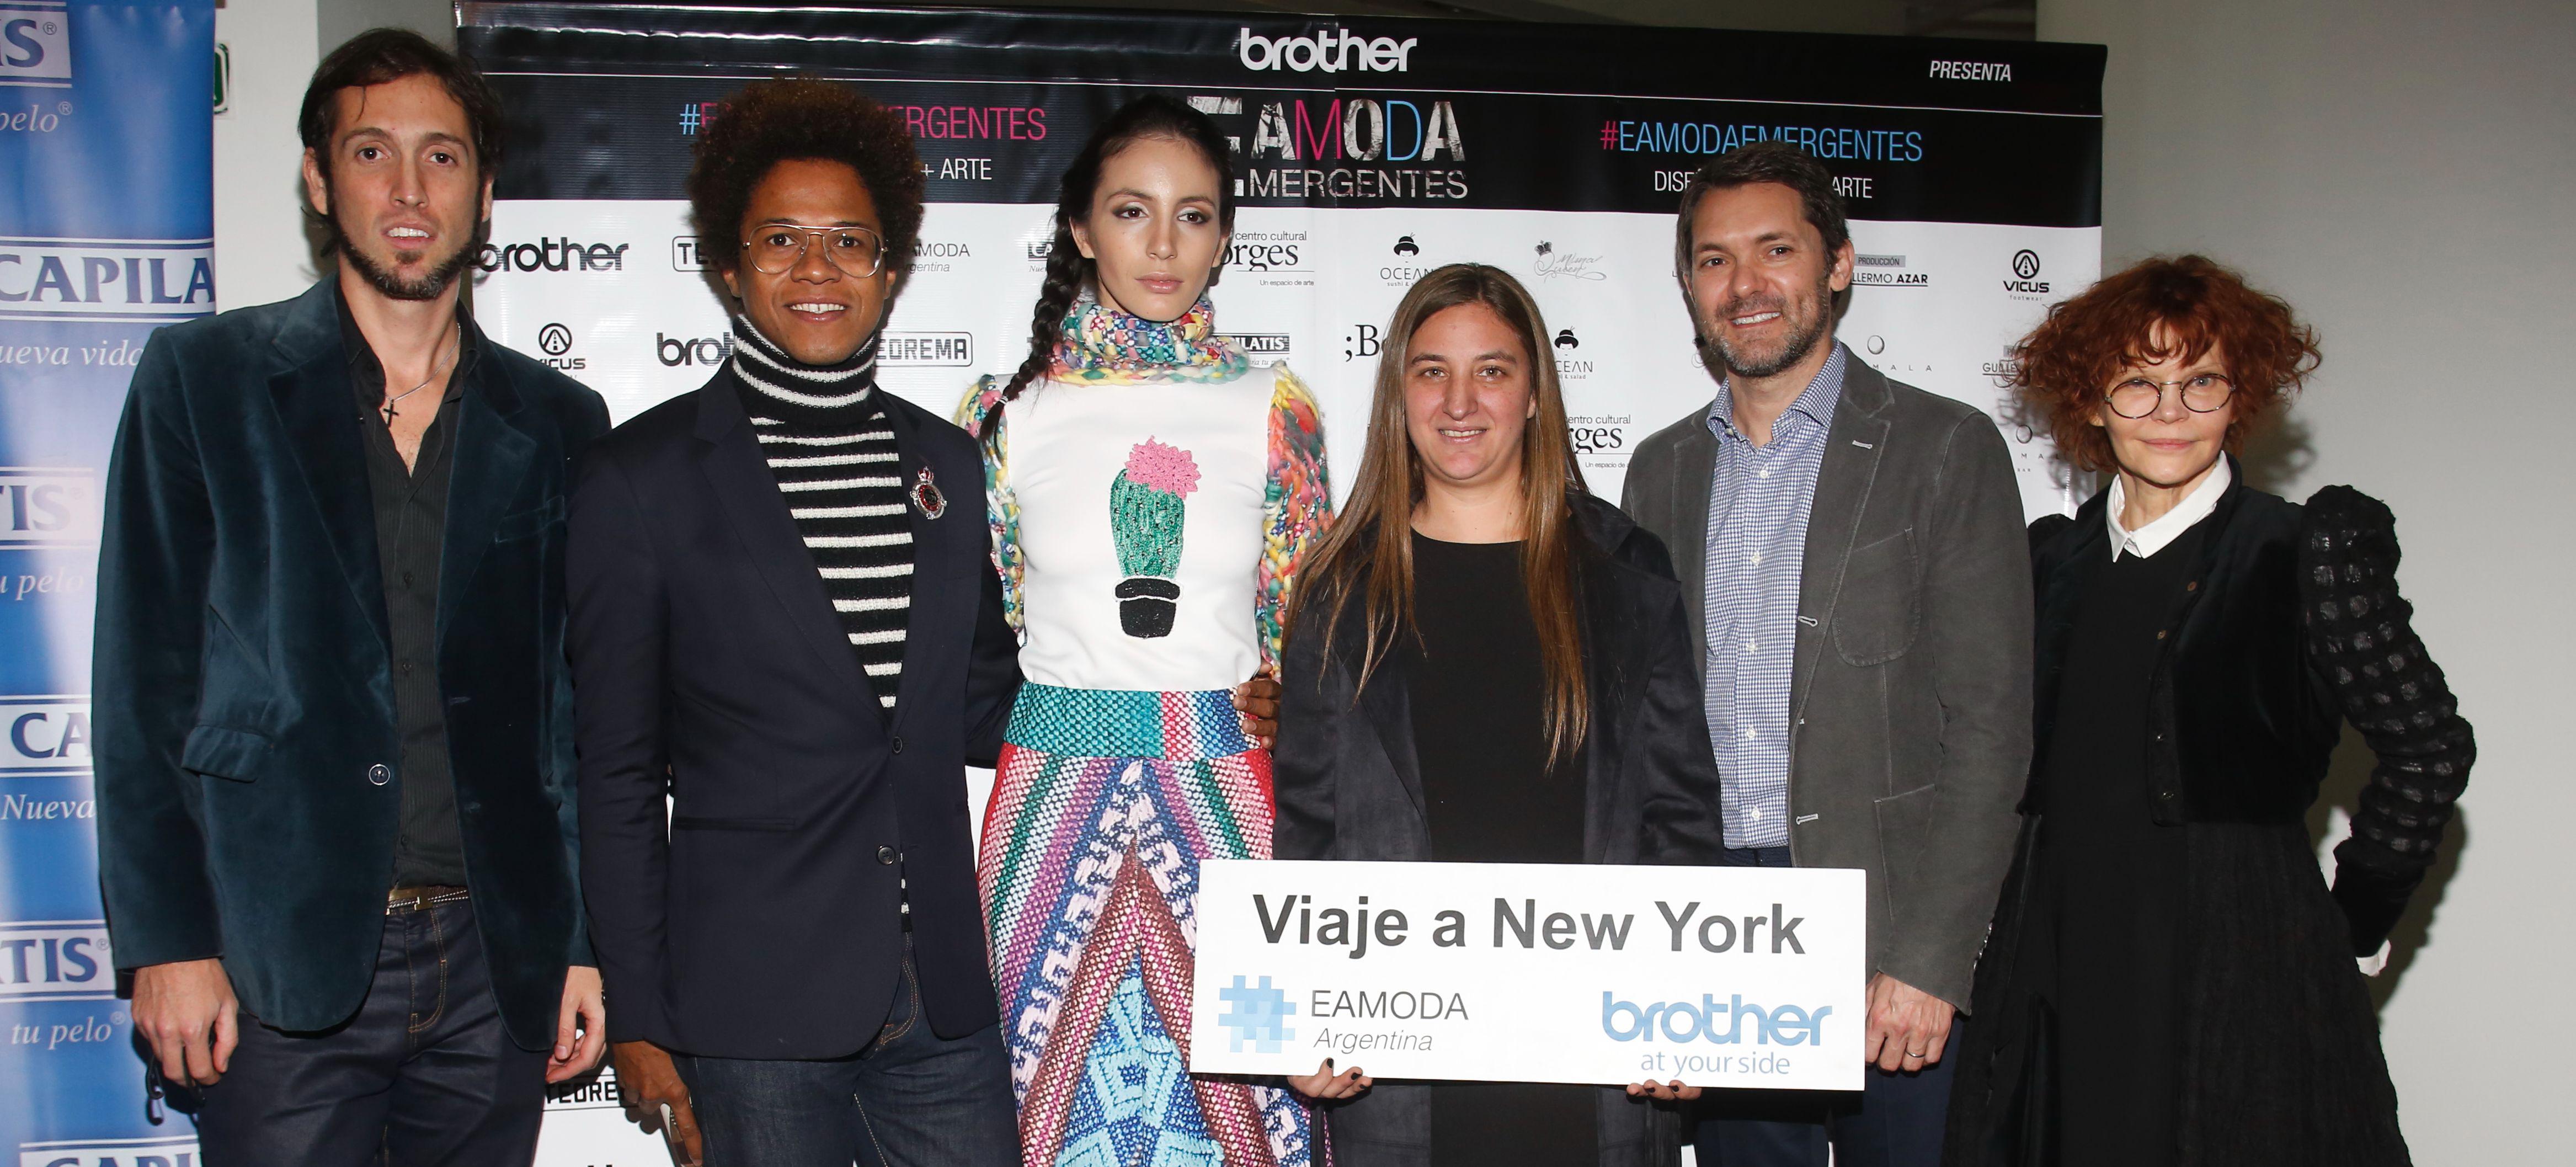 6cbe342862 El sábado 3 de septiembre, la Escuela Argentina de Moda realizó EAMODA  EMERGENTES bajo la producción de Guillermo Azar; el primer evento que  fusiona el arte ...